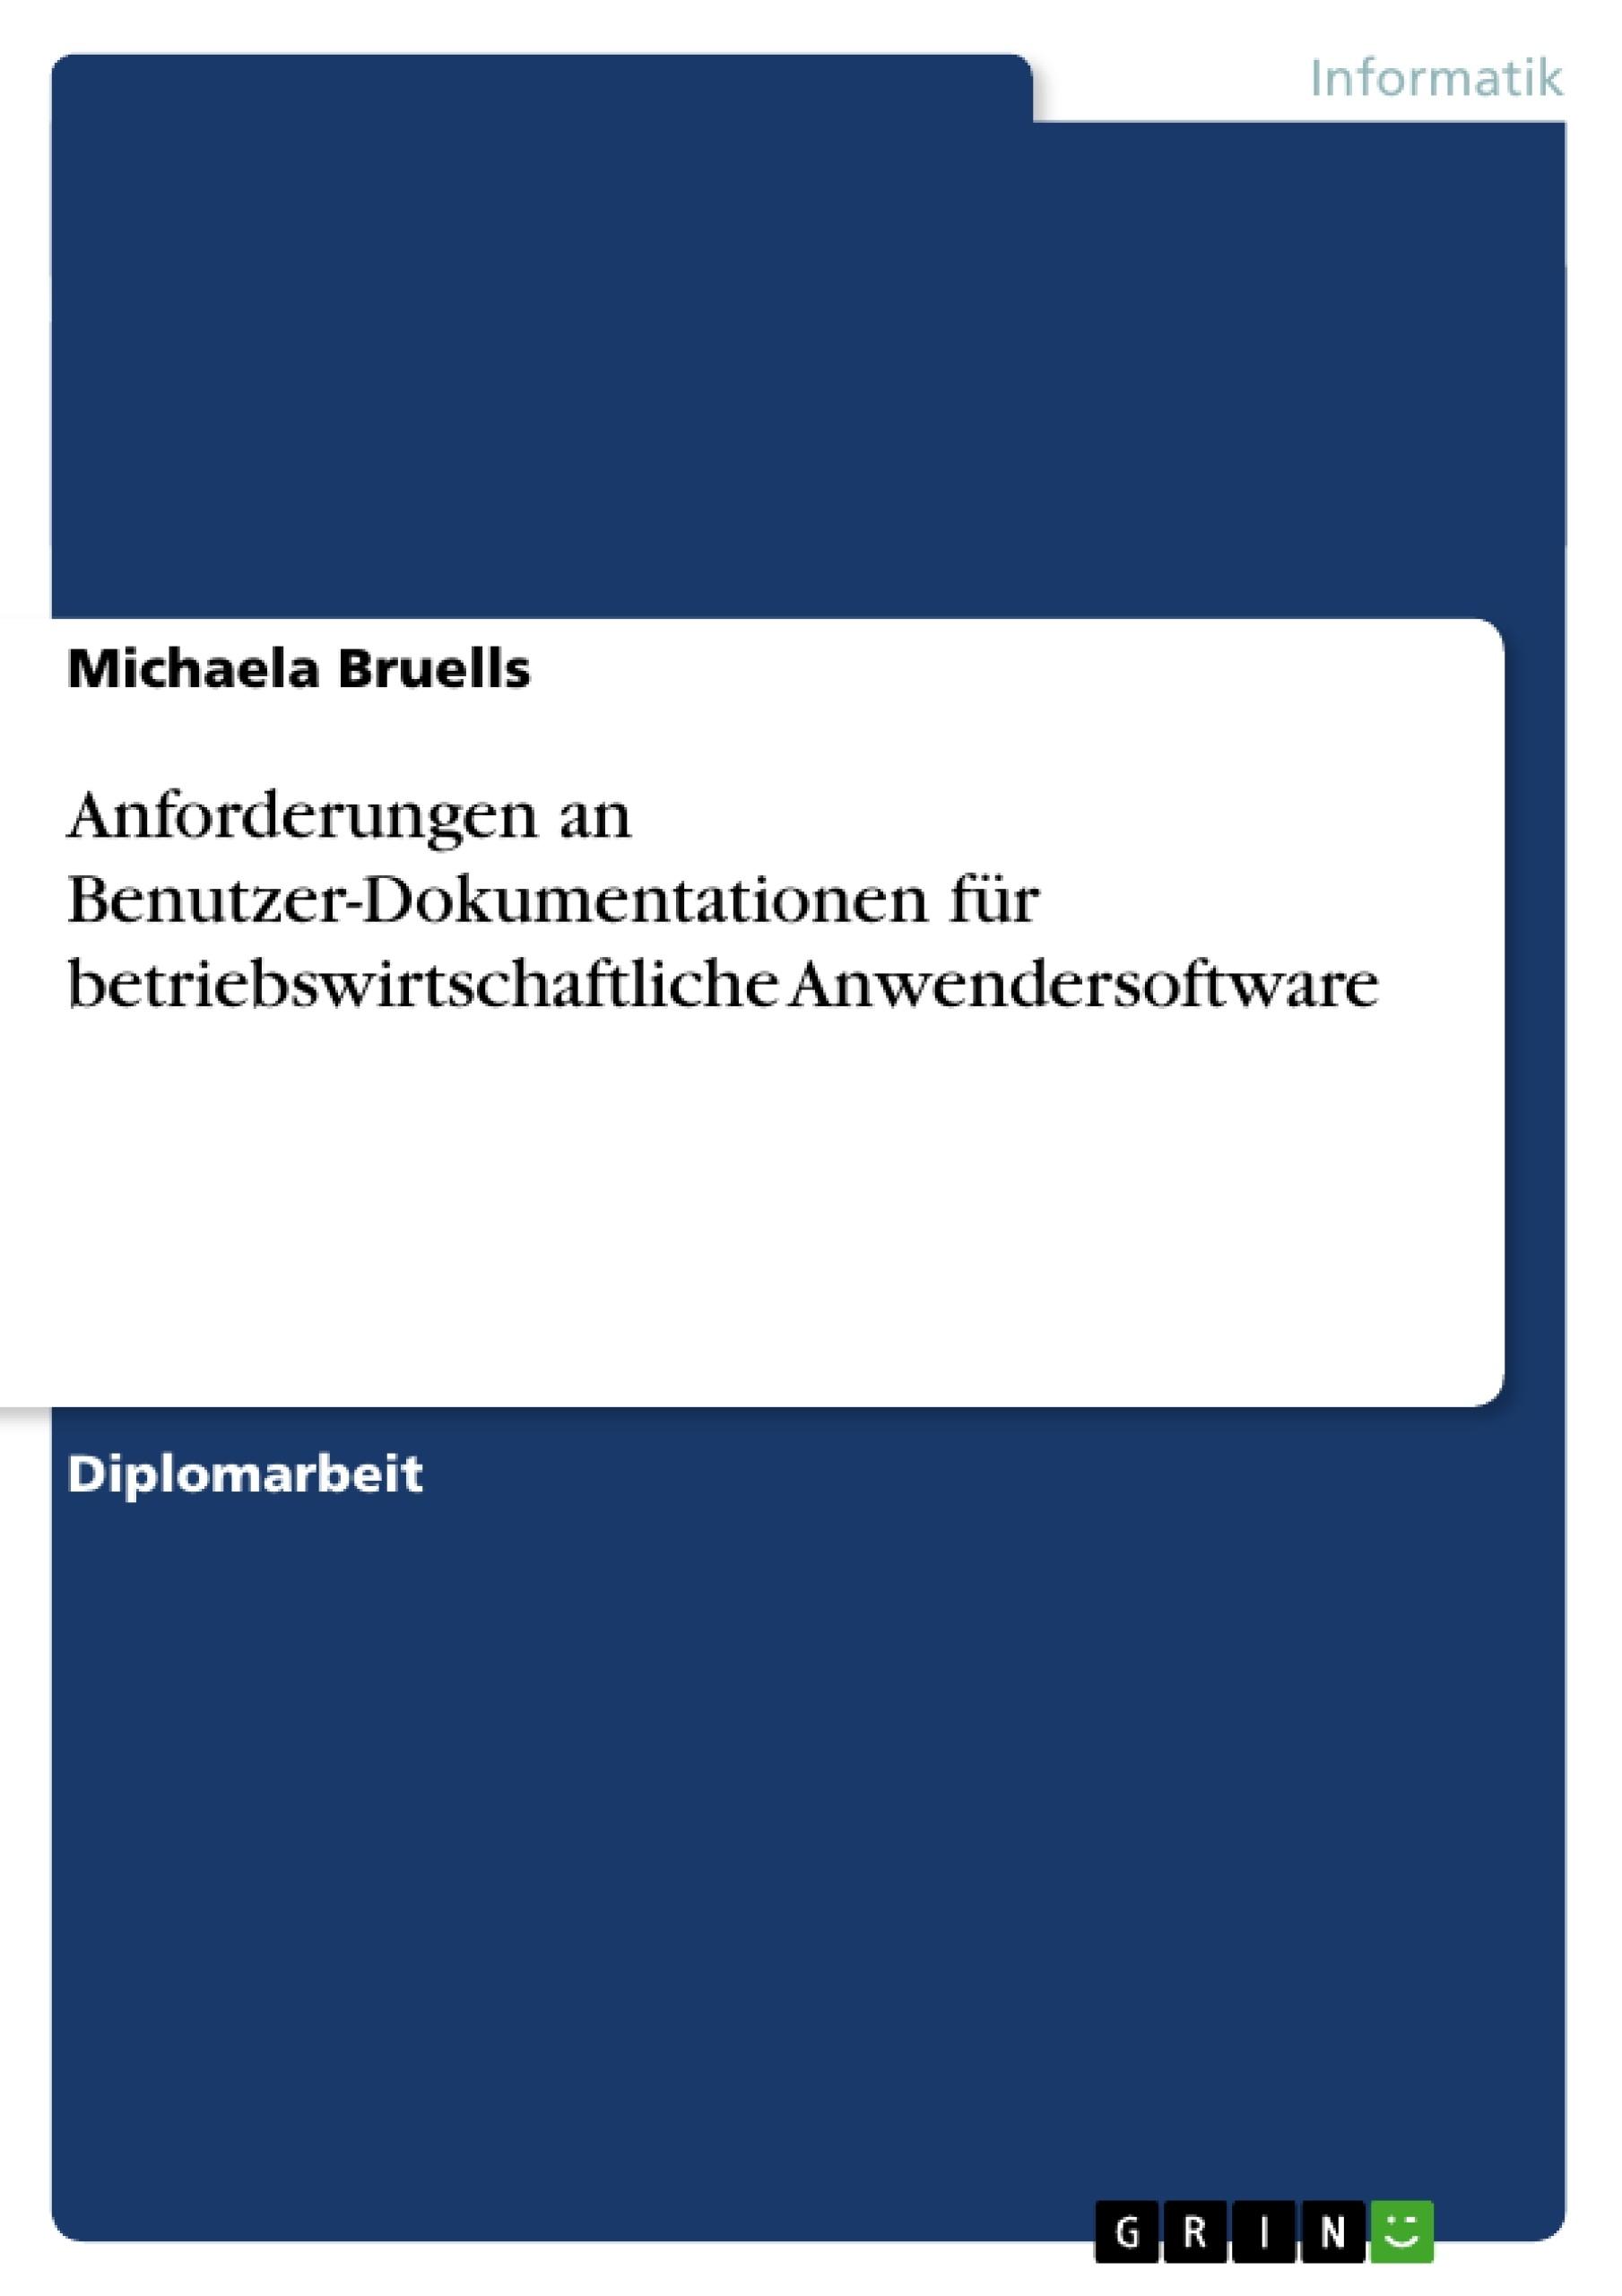 Titel: Anforderungen an Benutzer-Dokumentationen für betriebswirtschaftliche Anwendersoftware